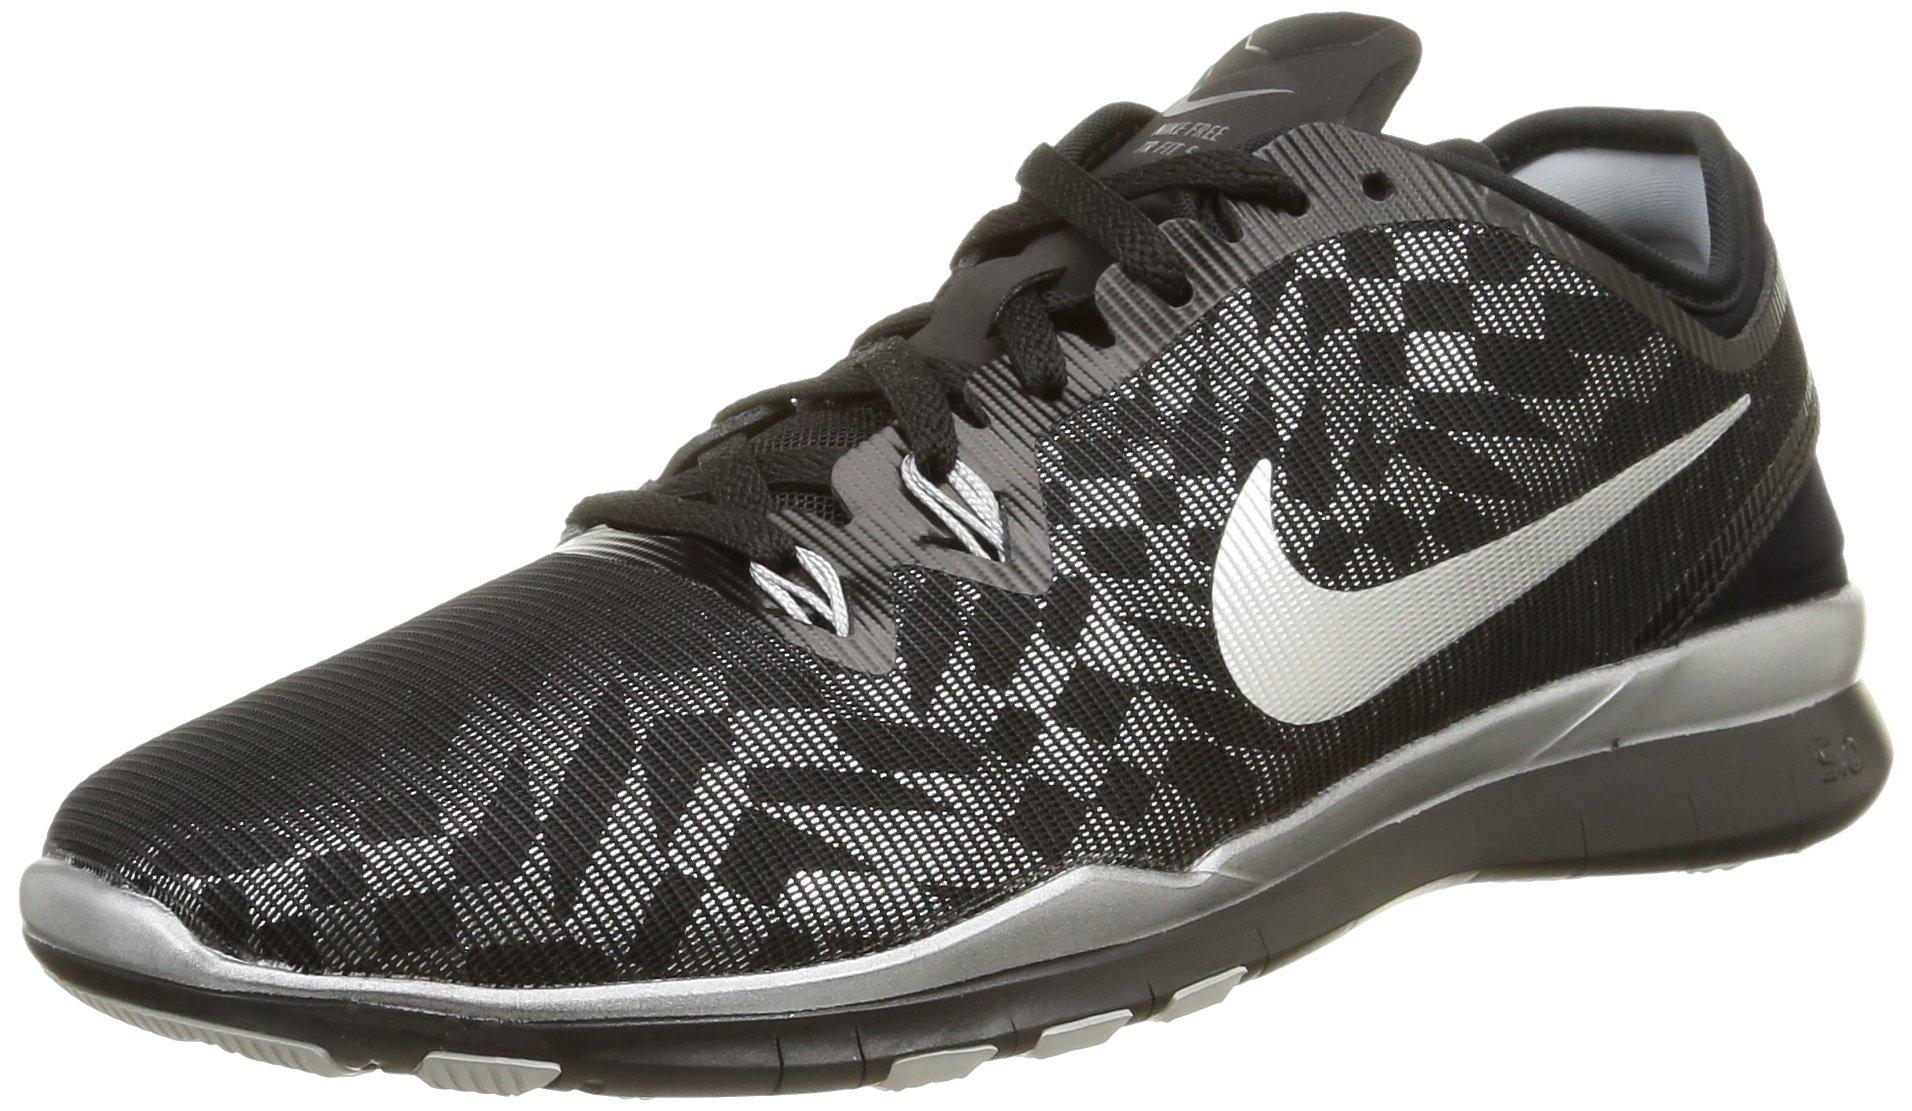 Nike Womens Free 5.0 Tr Fit 5 MTLC Black/Metallic Silver/Flt Slvr Training Shoe 6